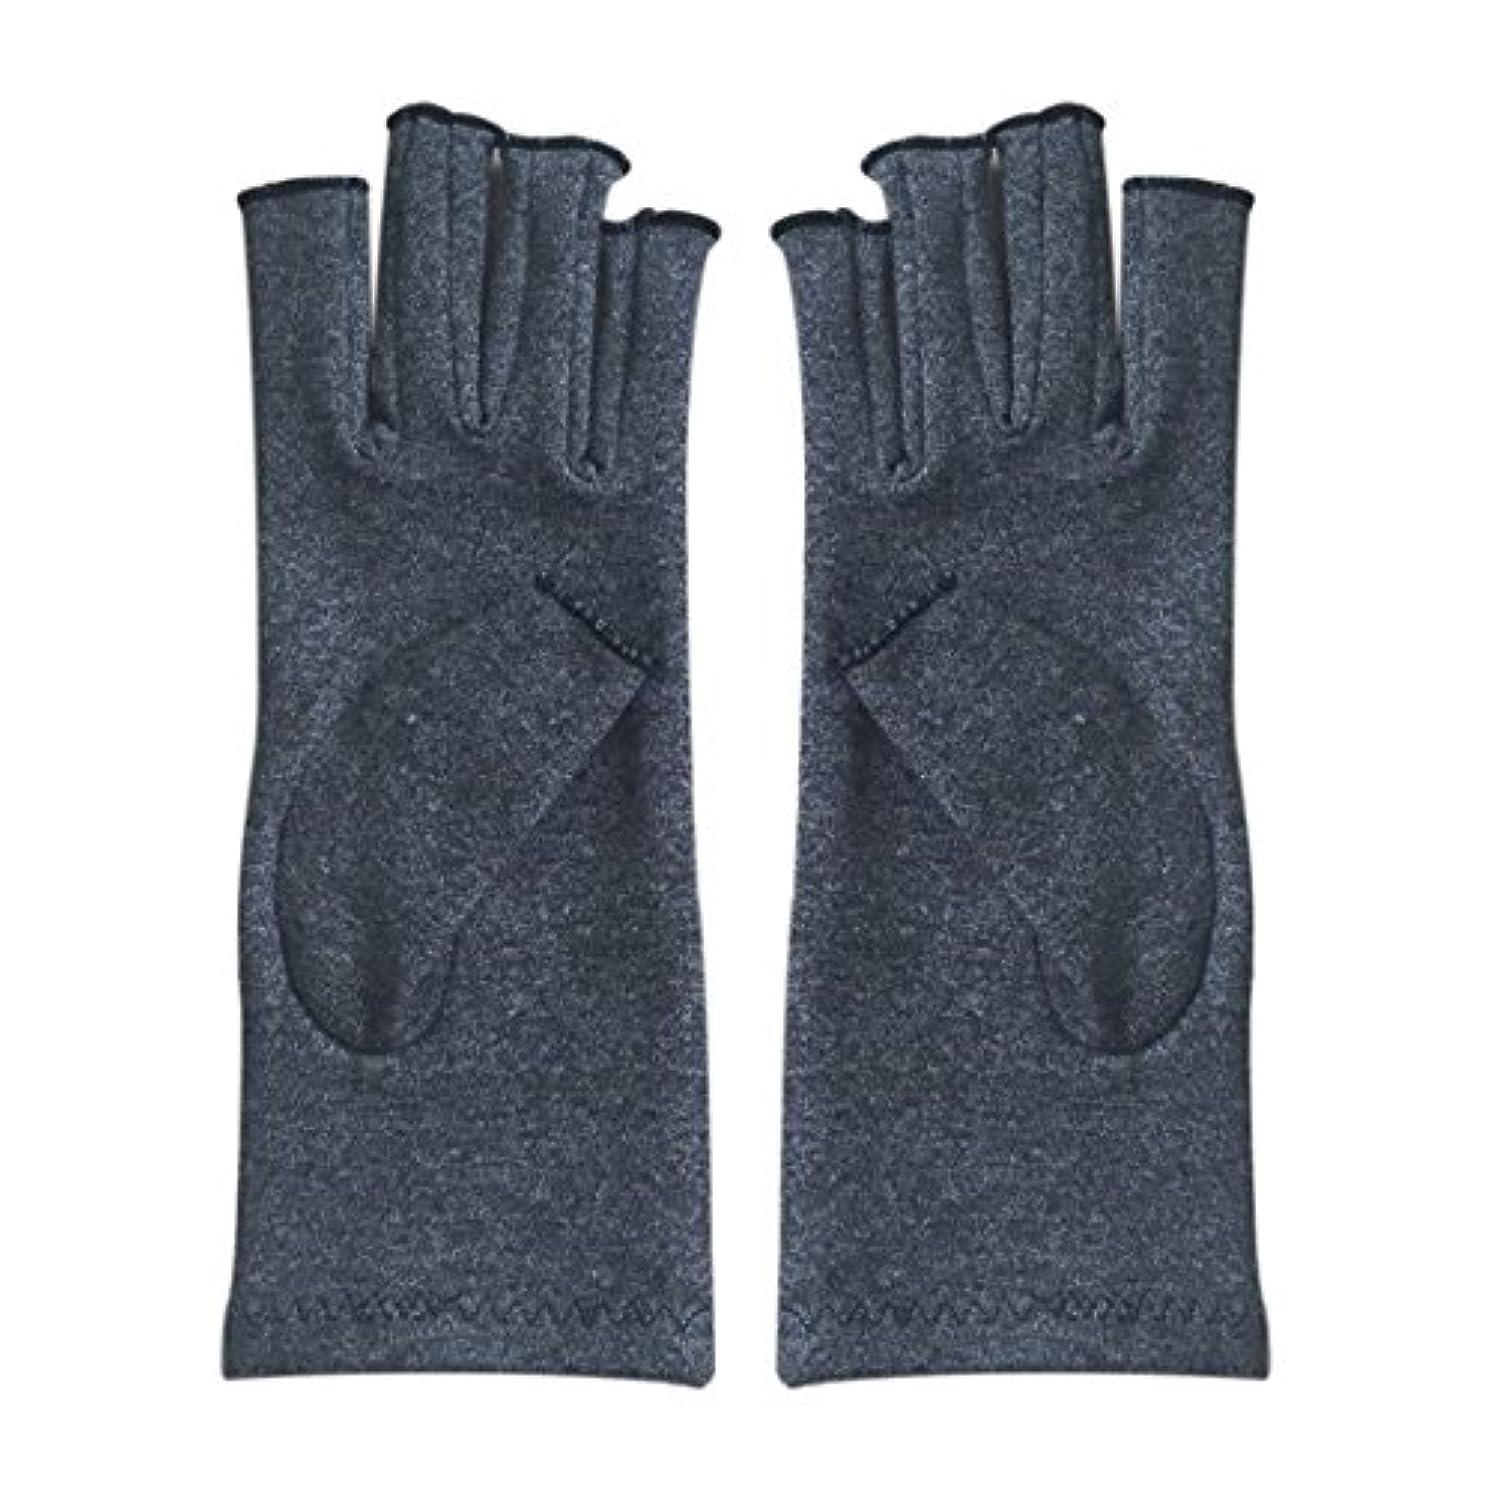 積極的に勢い優勢TOOGOO ペア 弾性コットンコンプレッション手袋 ユニセックス 関節炎 関節痛 鎮痛 軽減 S 灰色